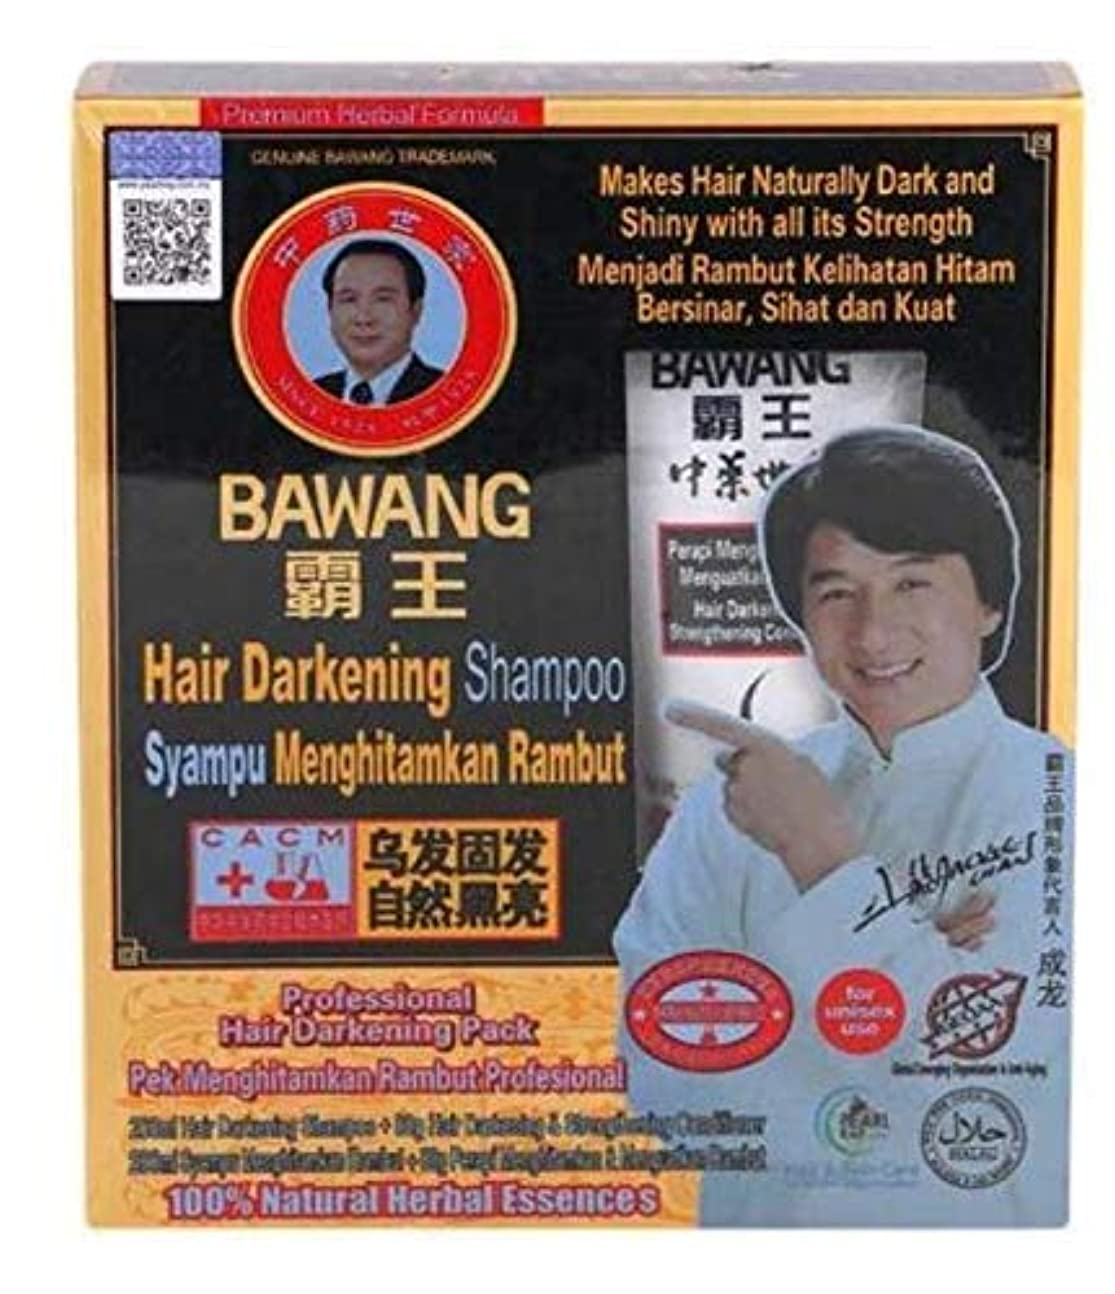 始まりアナウンサー土砂降りBAWANG プロフェッショナル髪黒い袋200ミリリットル+ 80グラム